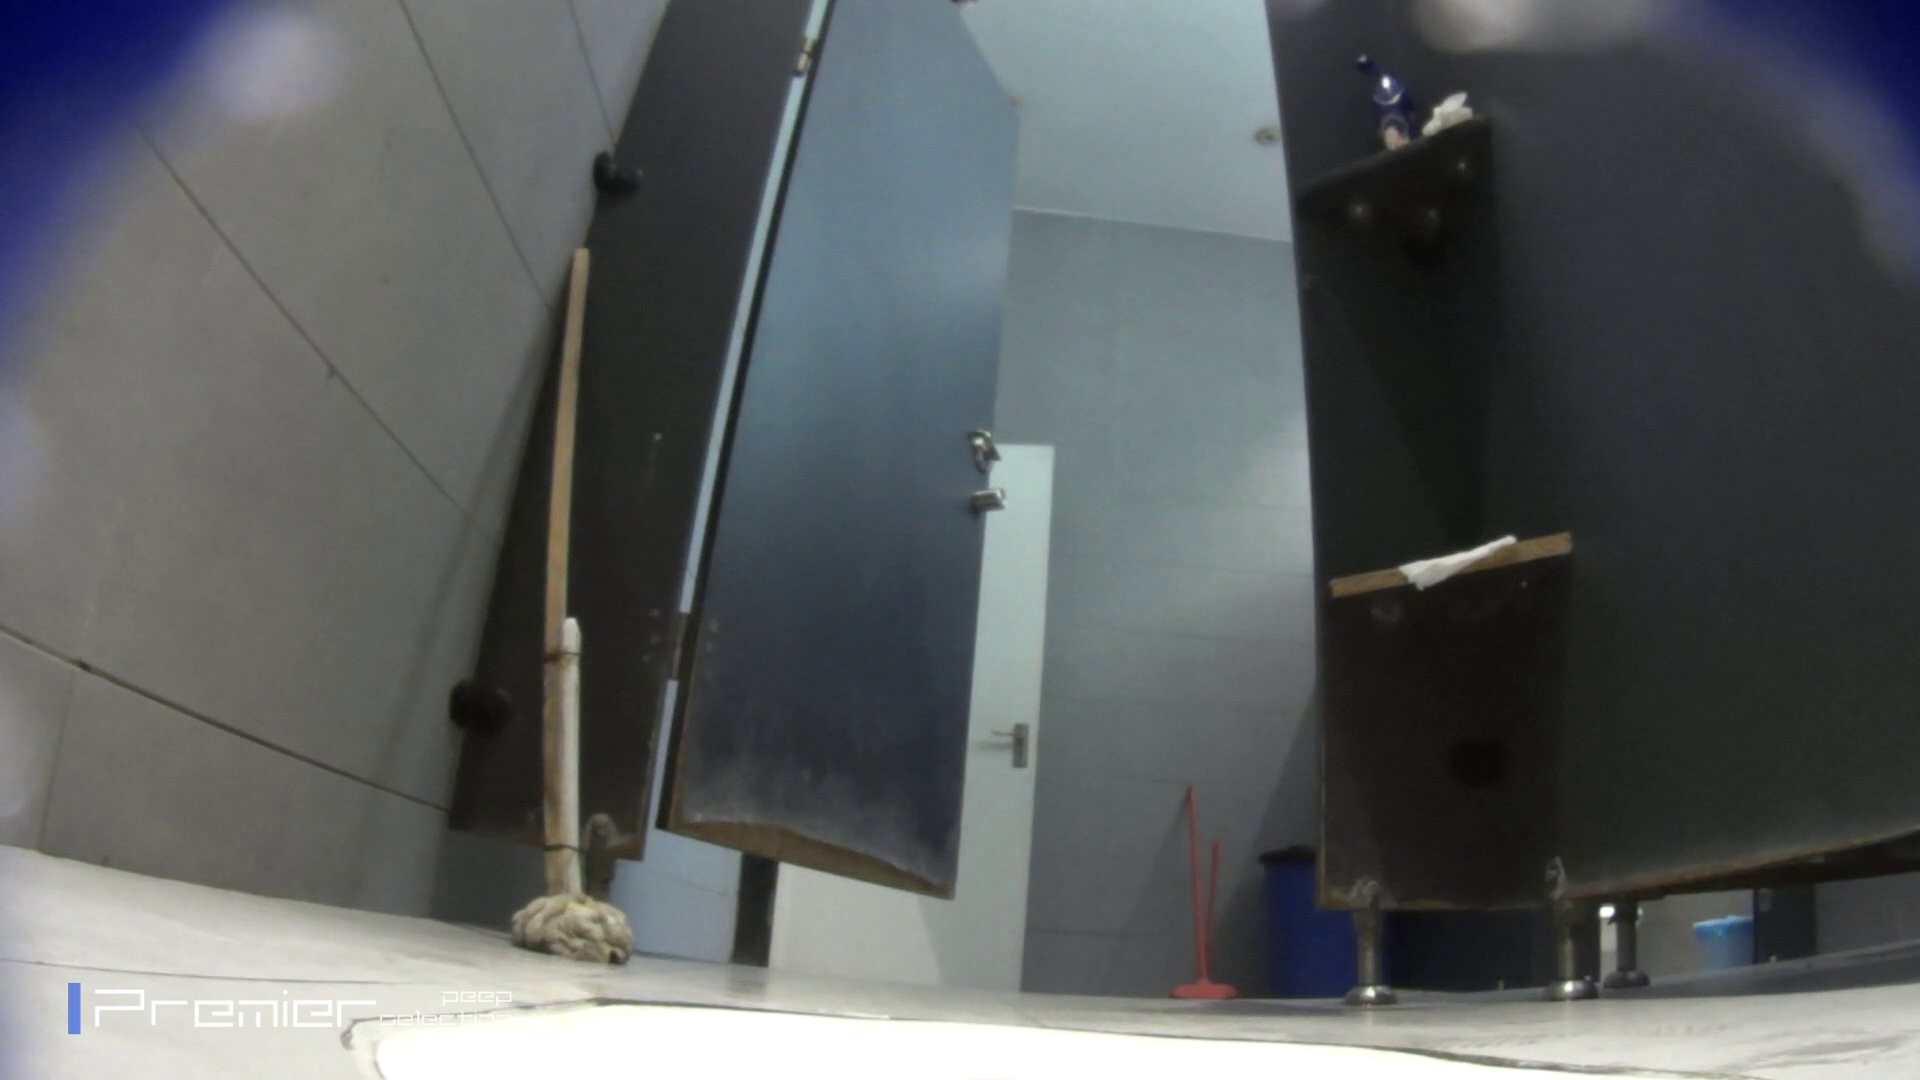 個室のドアを開けたまま放nyoする乙女 大学休憩時間の洗面所事情85 エッチなお姉さん オマンコ無修正動画無料 90画像 4